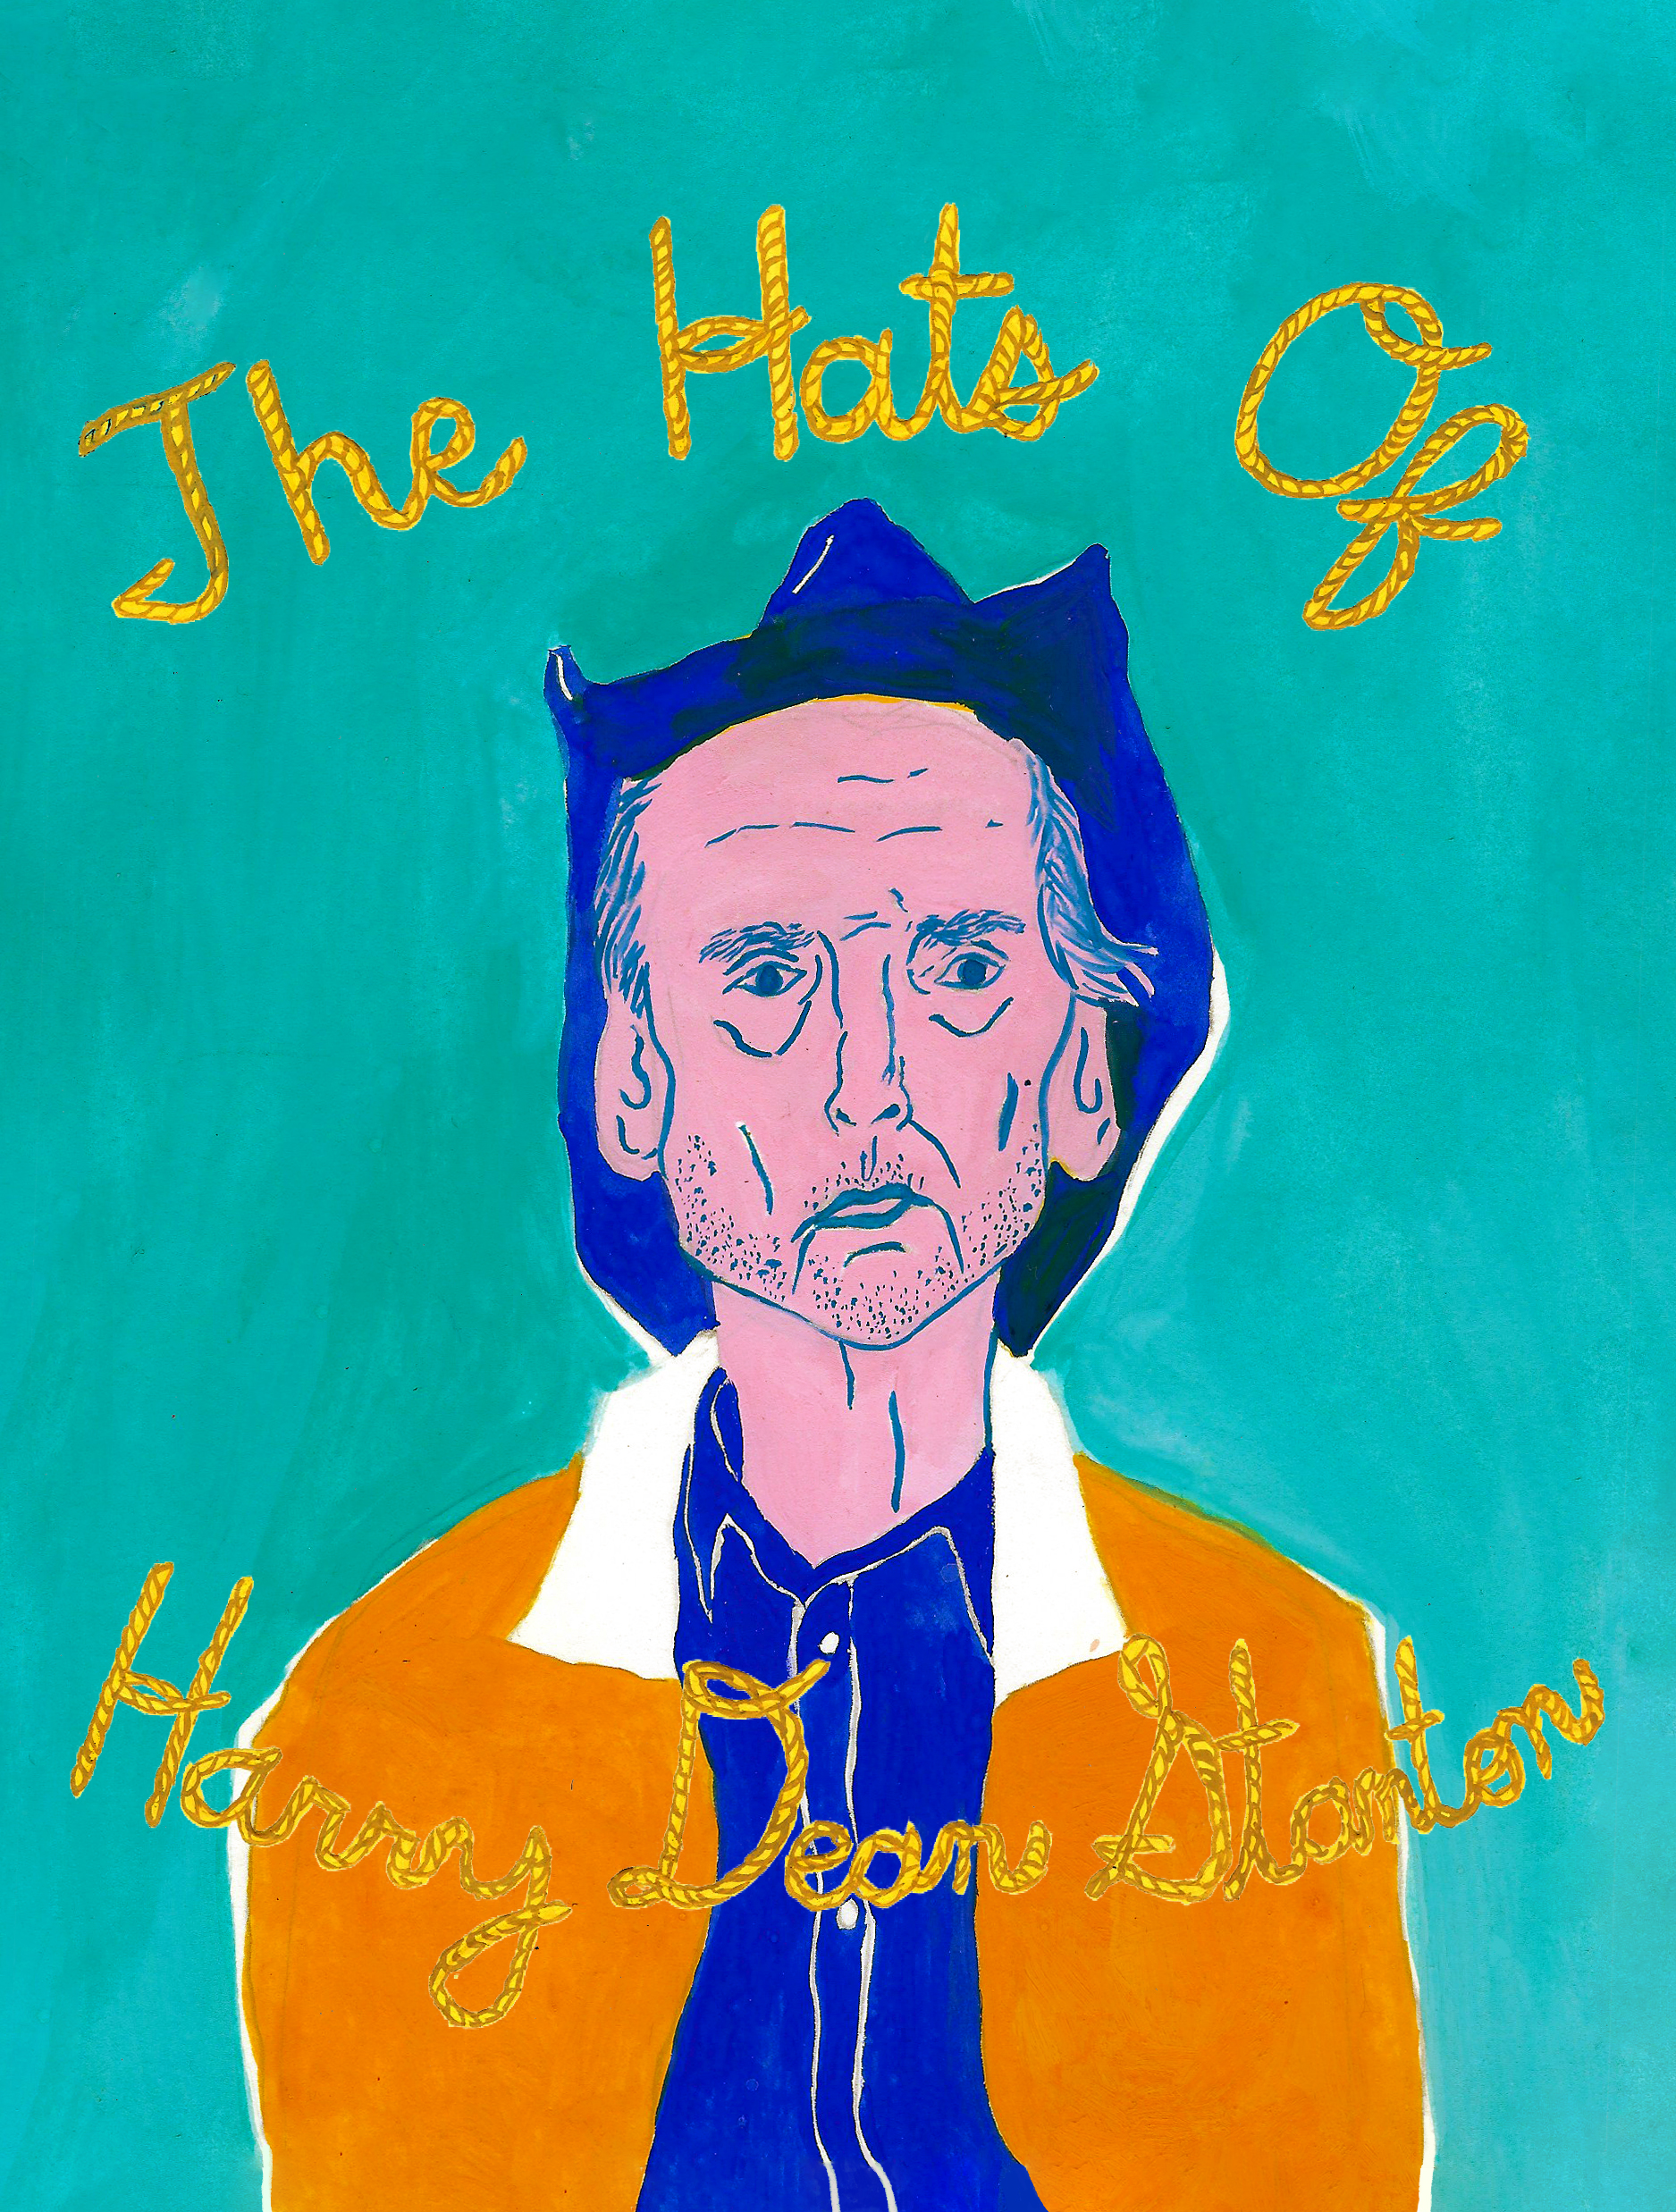 Hats of Harry Dean Stanton